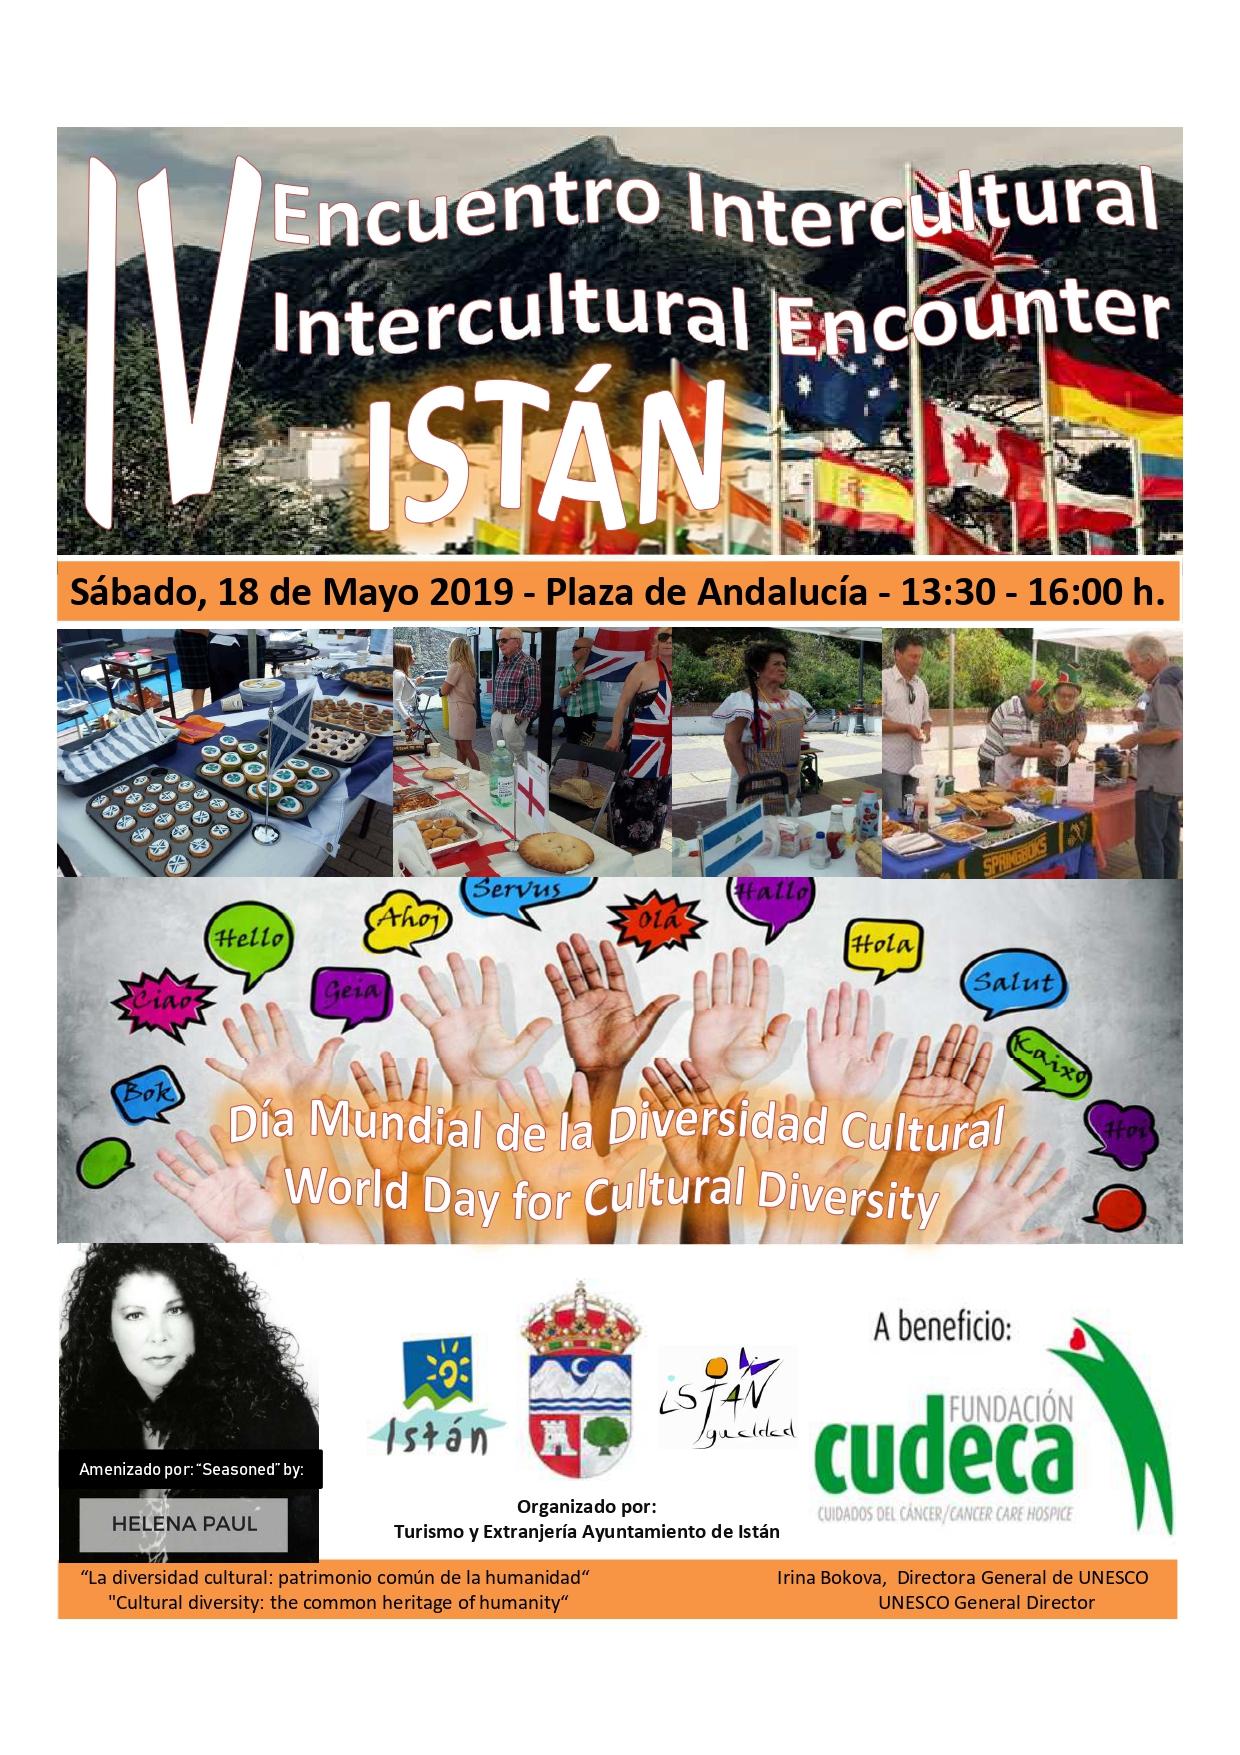 ¡IV Encuentro Intercultural de Istán!